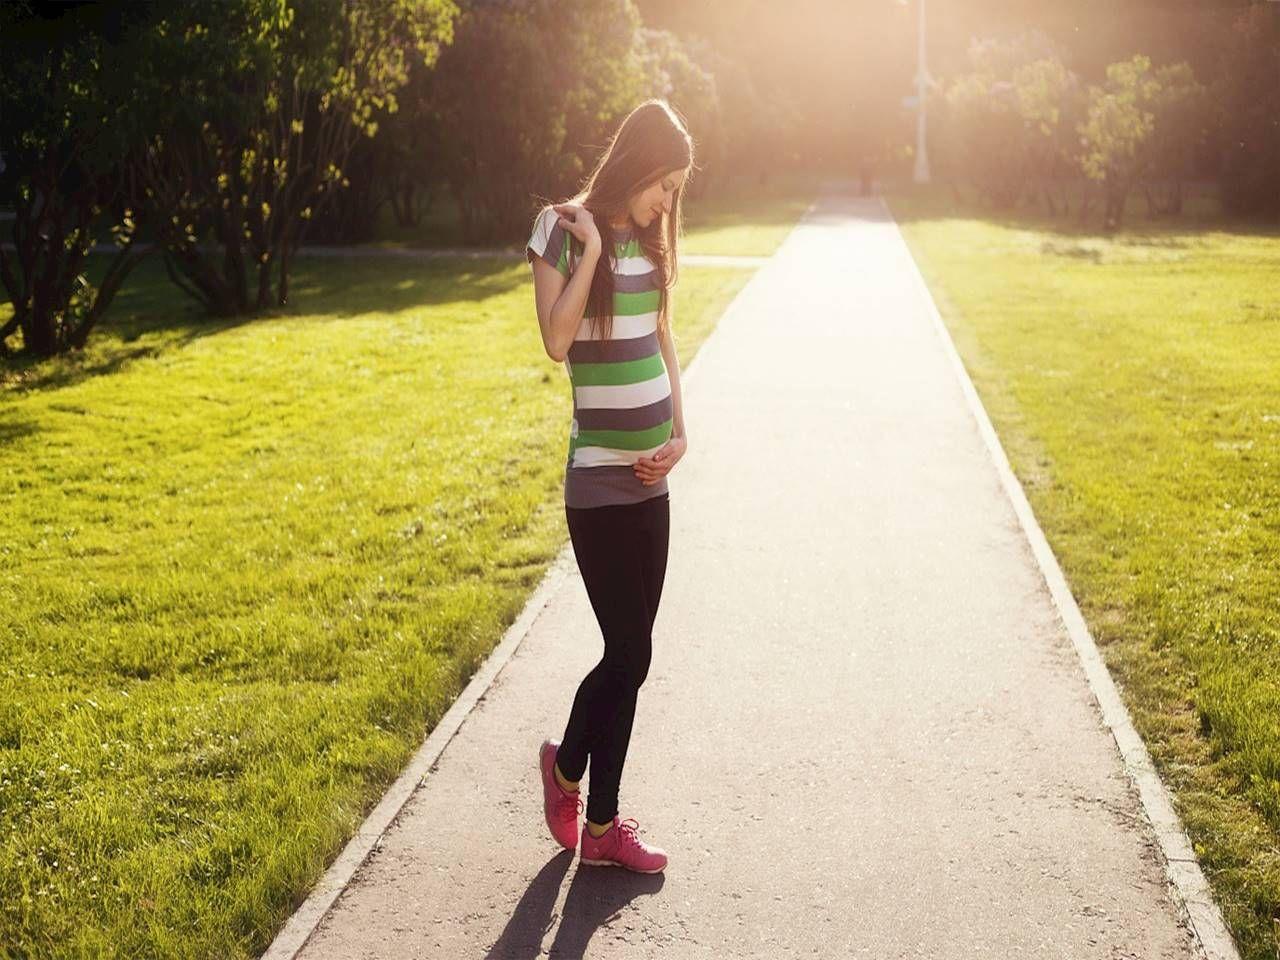 Nie mogę schudnąć po ciąży - co robić?